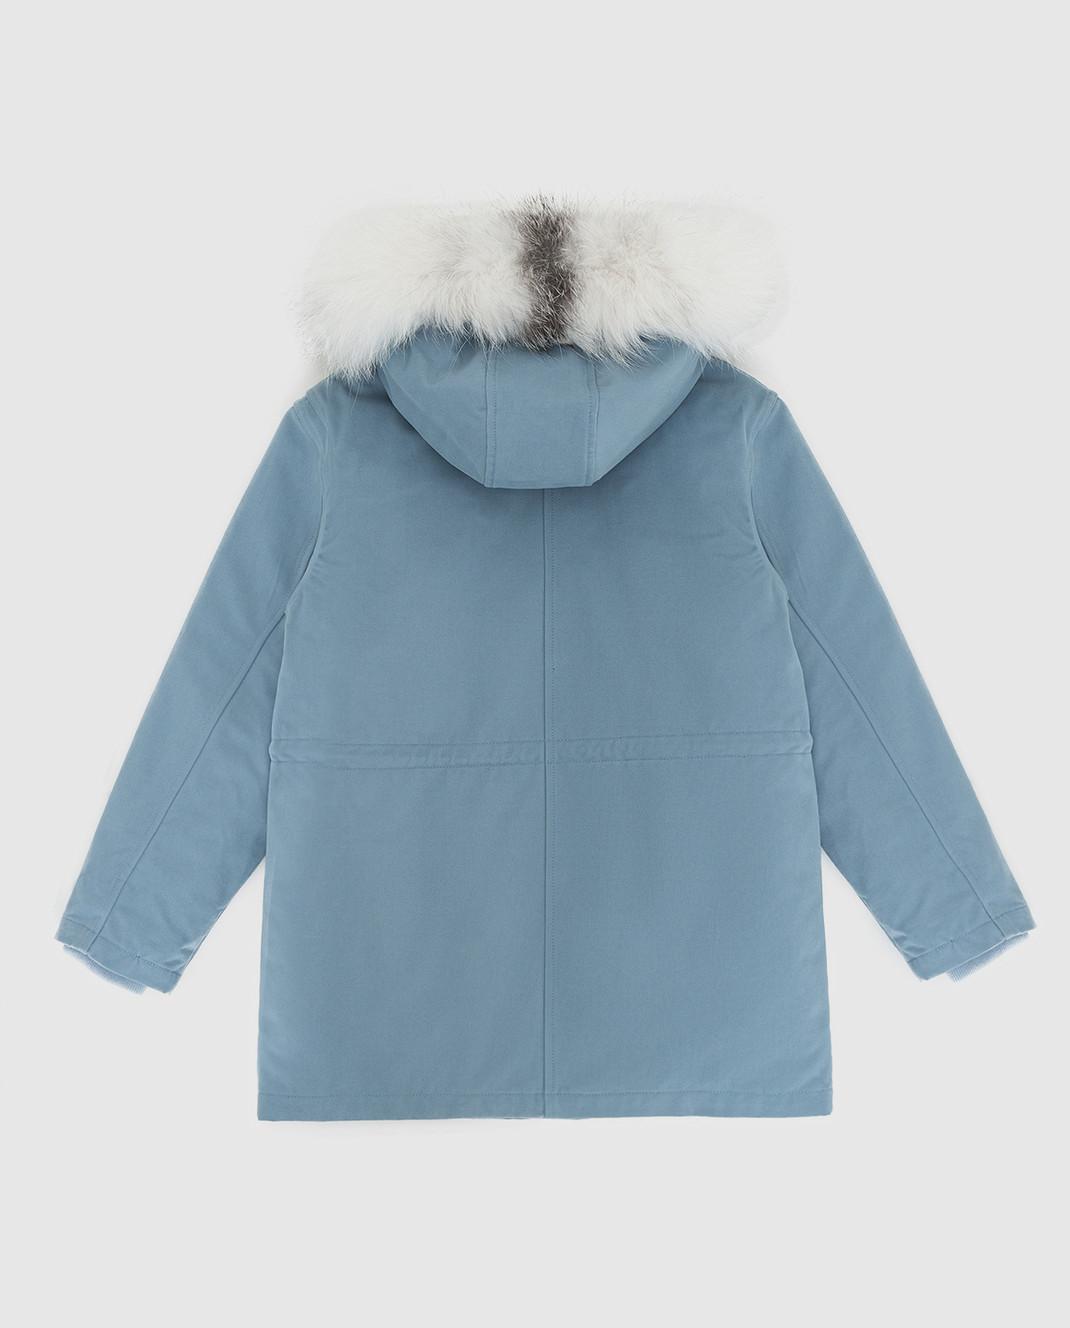 Yves Salomon Enfant Детская синяя парка с мехом лисы 20WEM004XXEM3X812 изображение 2